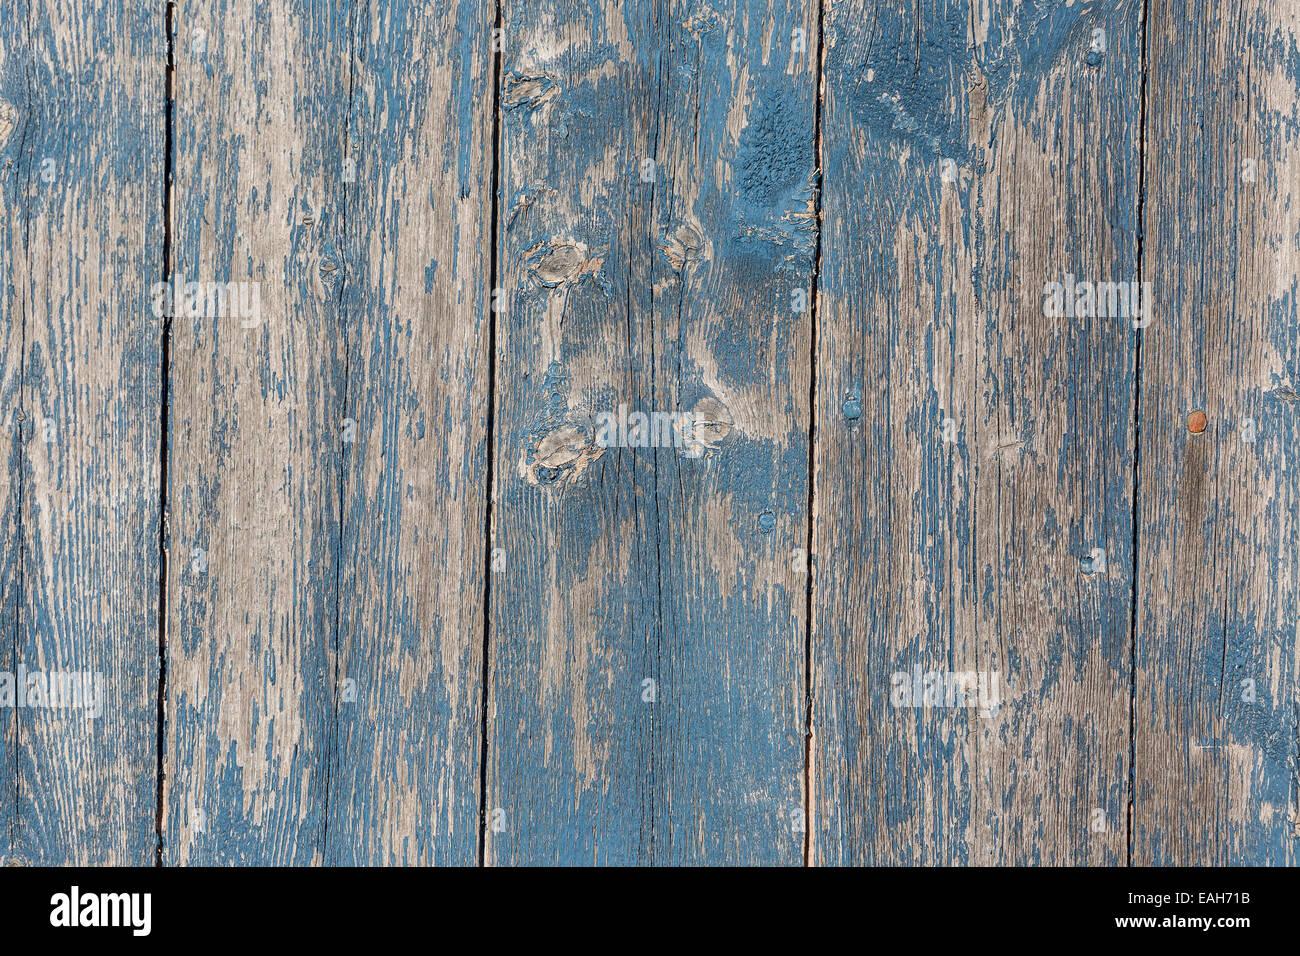 Il vecchio granaio in legno con scheda distressed vernice blu. Immagini Stock